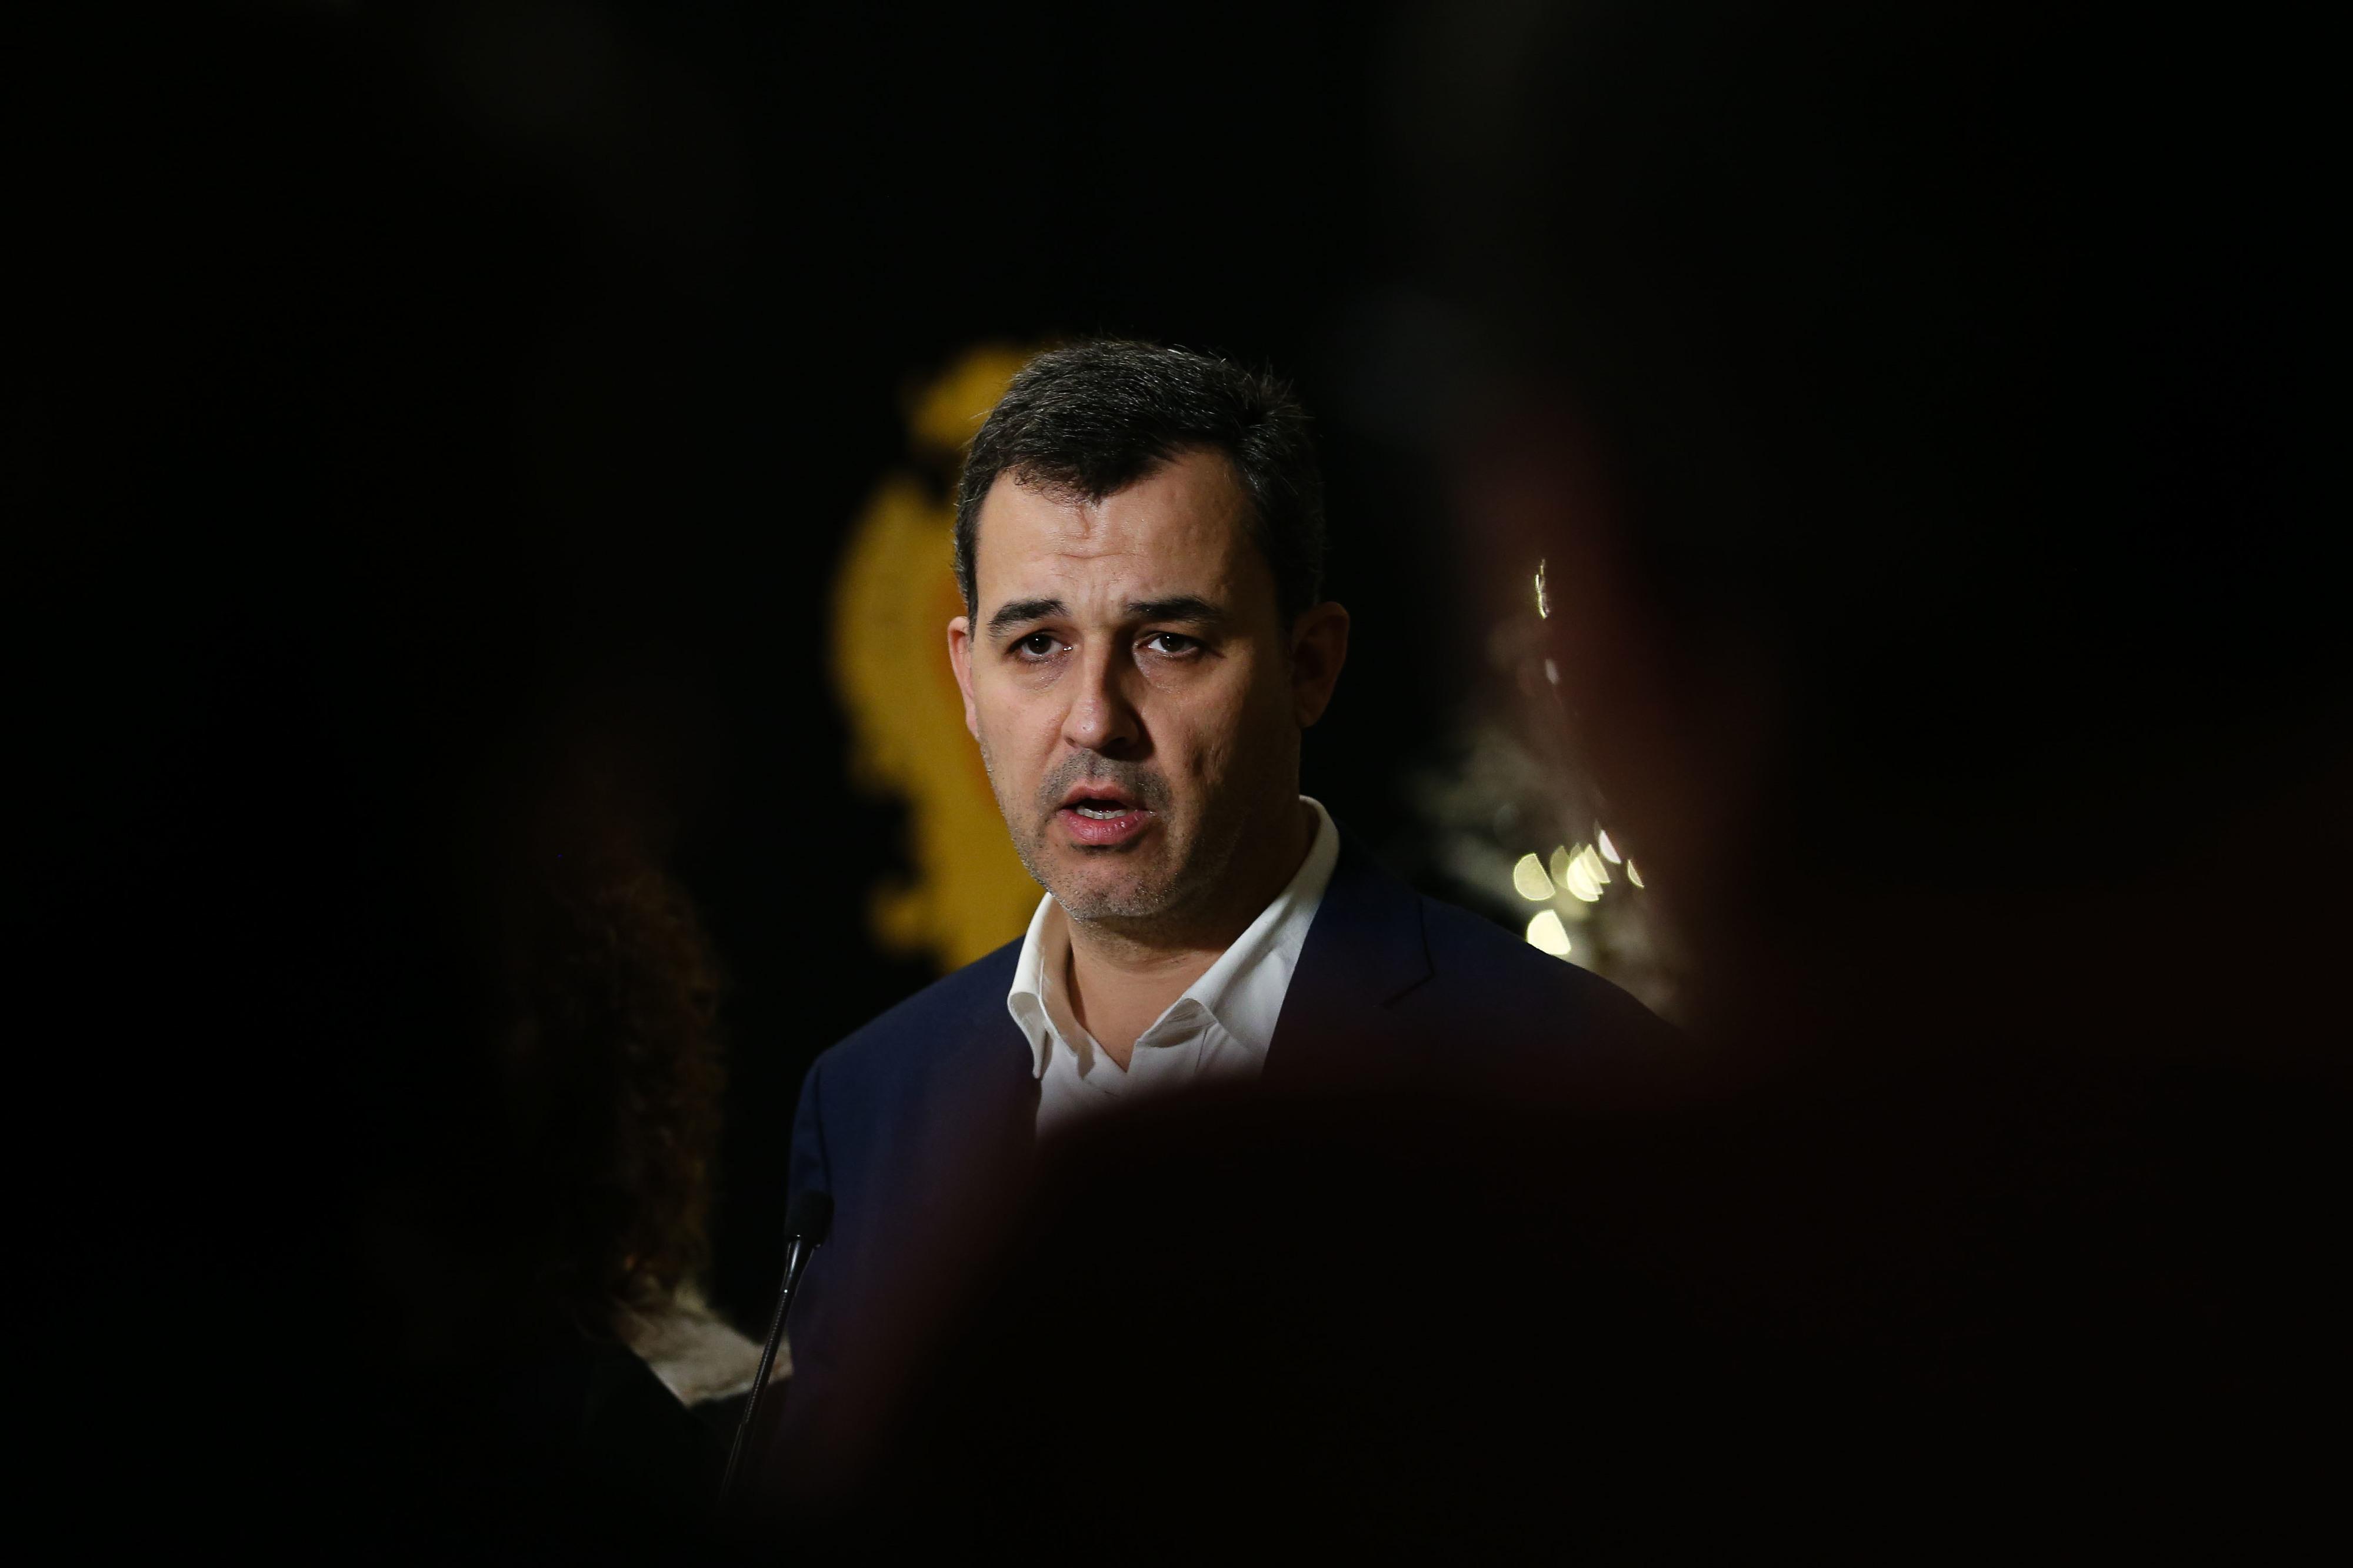 PAN pede demissão de presidente da Agência Portuguesa do Ambiente